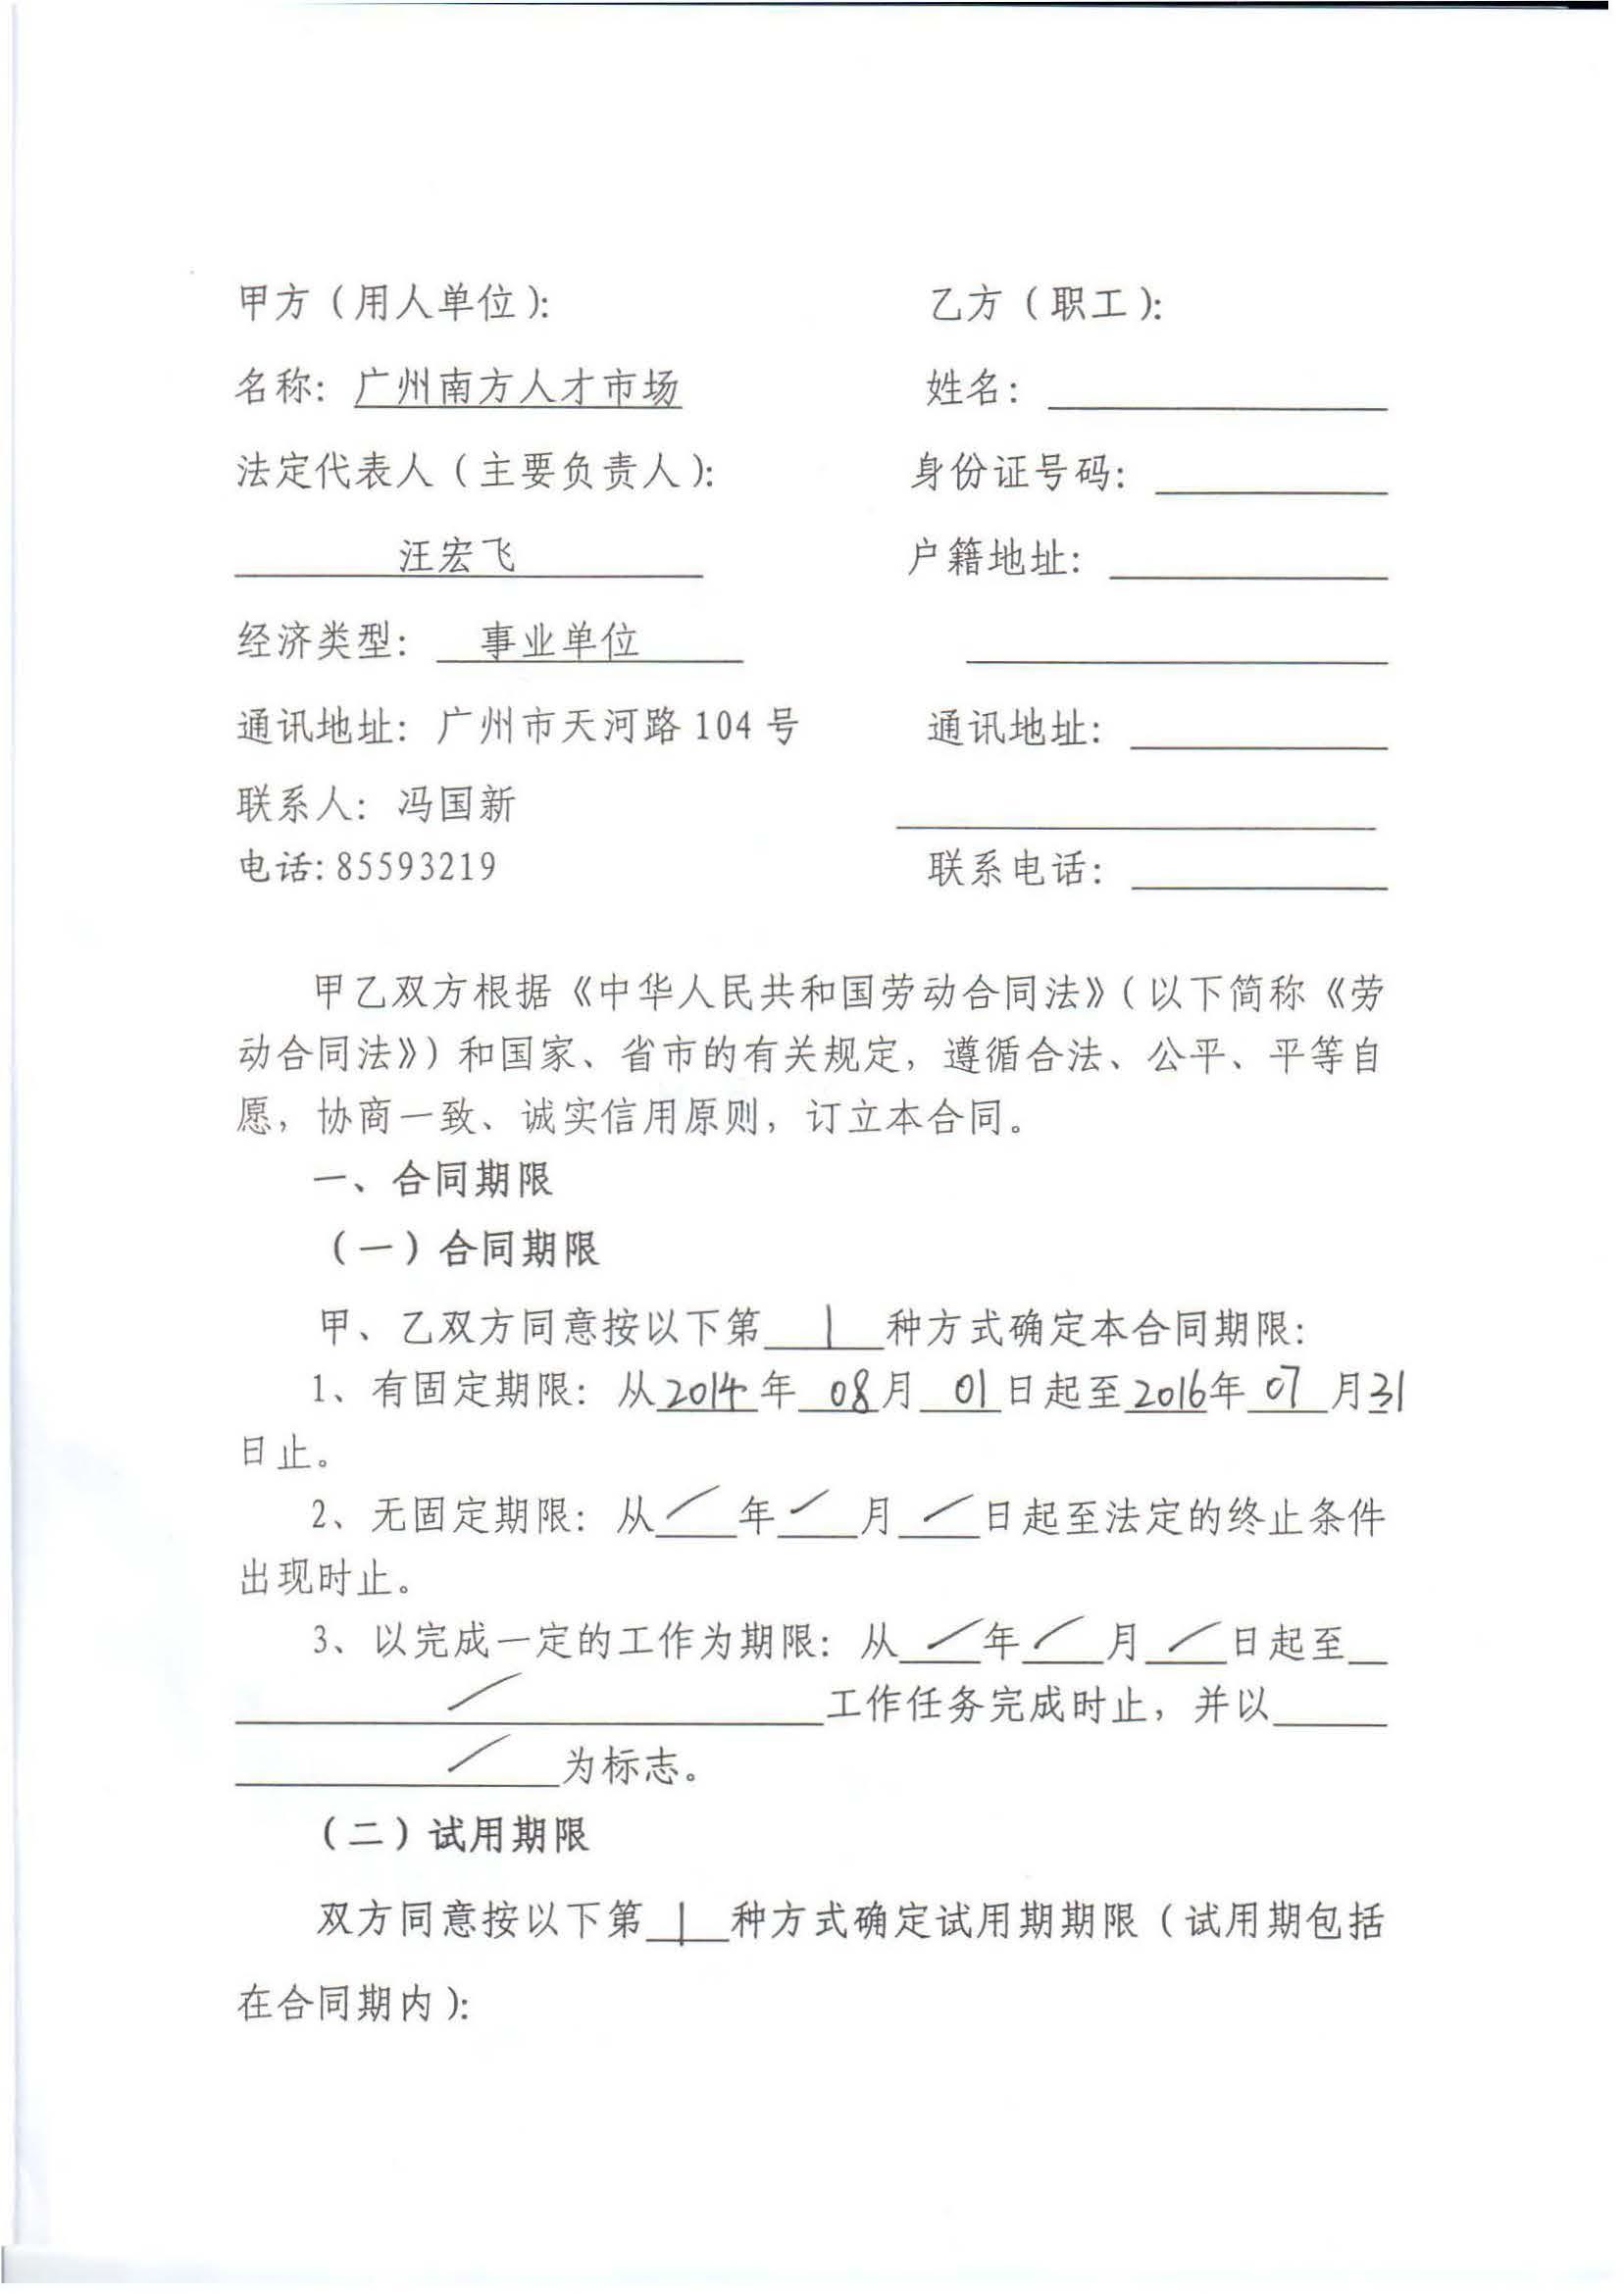 劳务派遣合同_页面_03